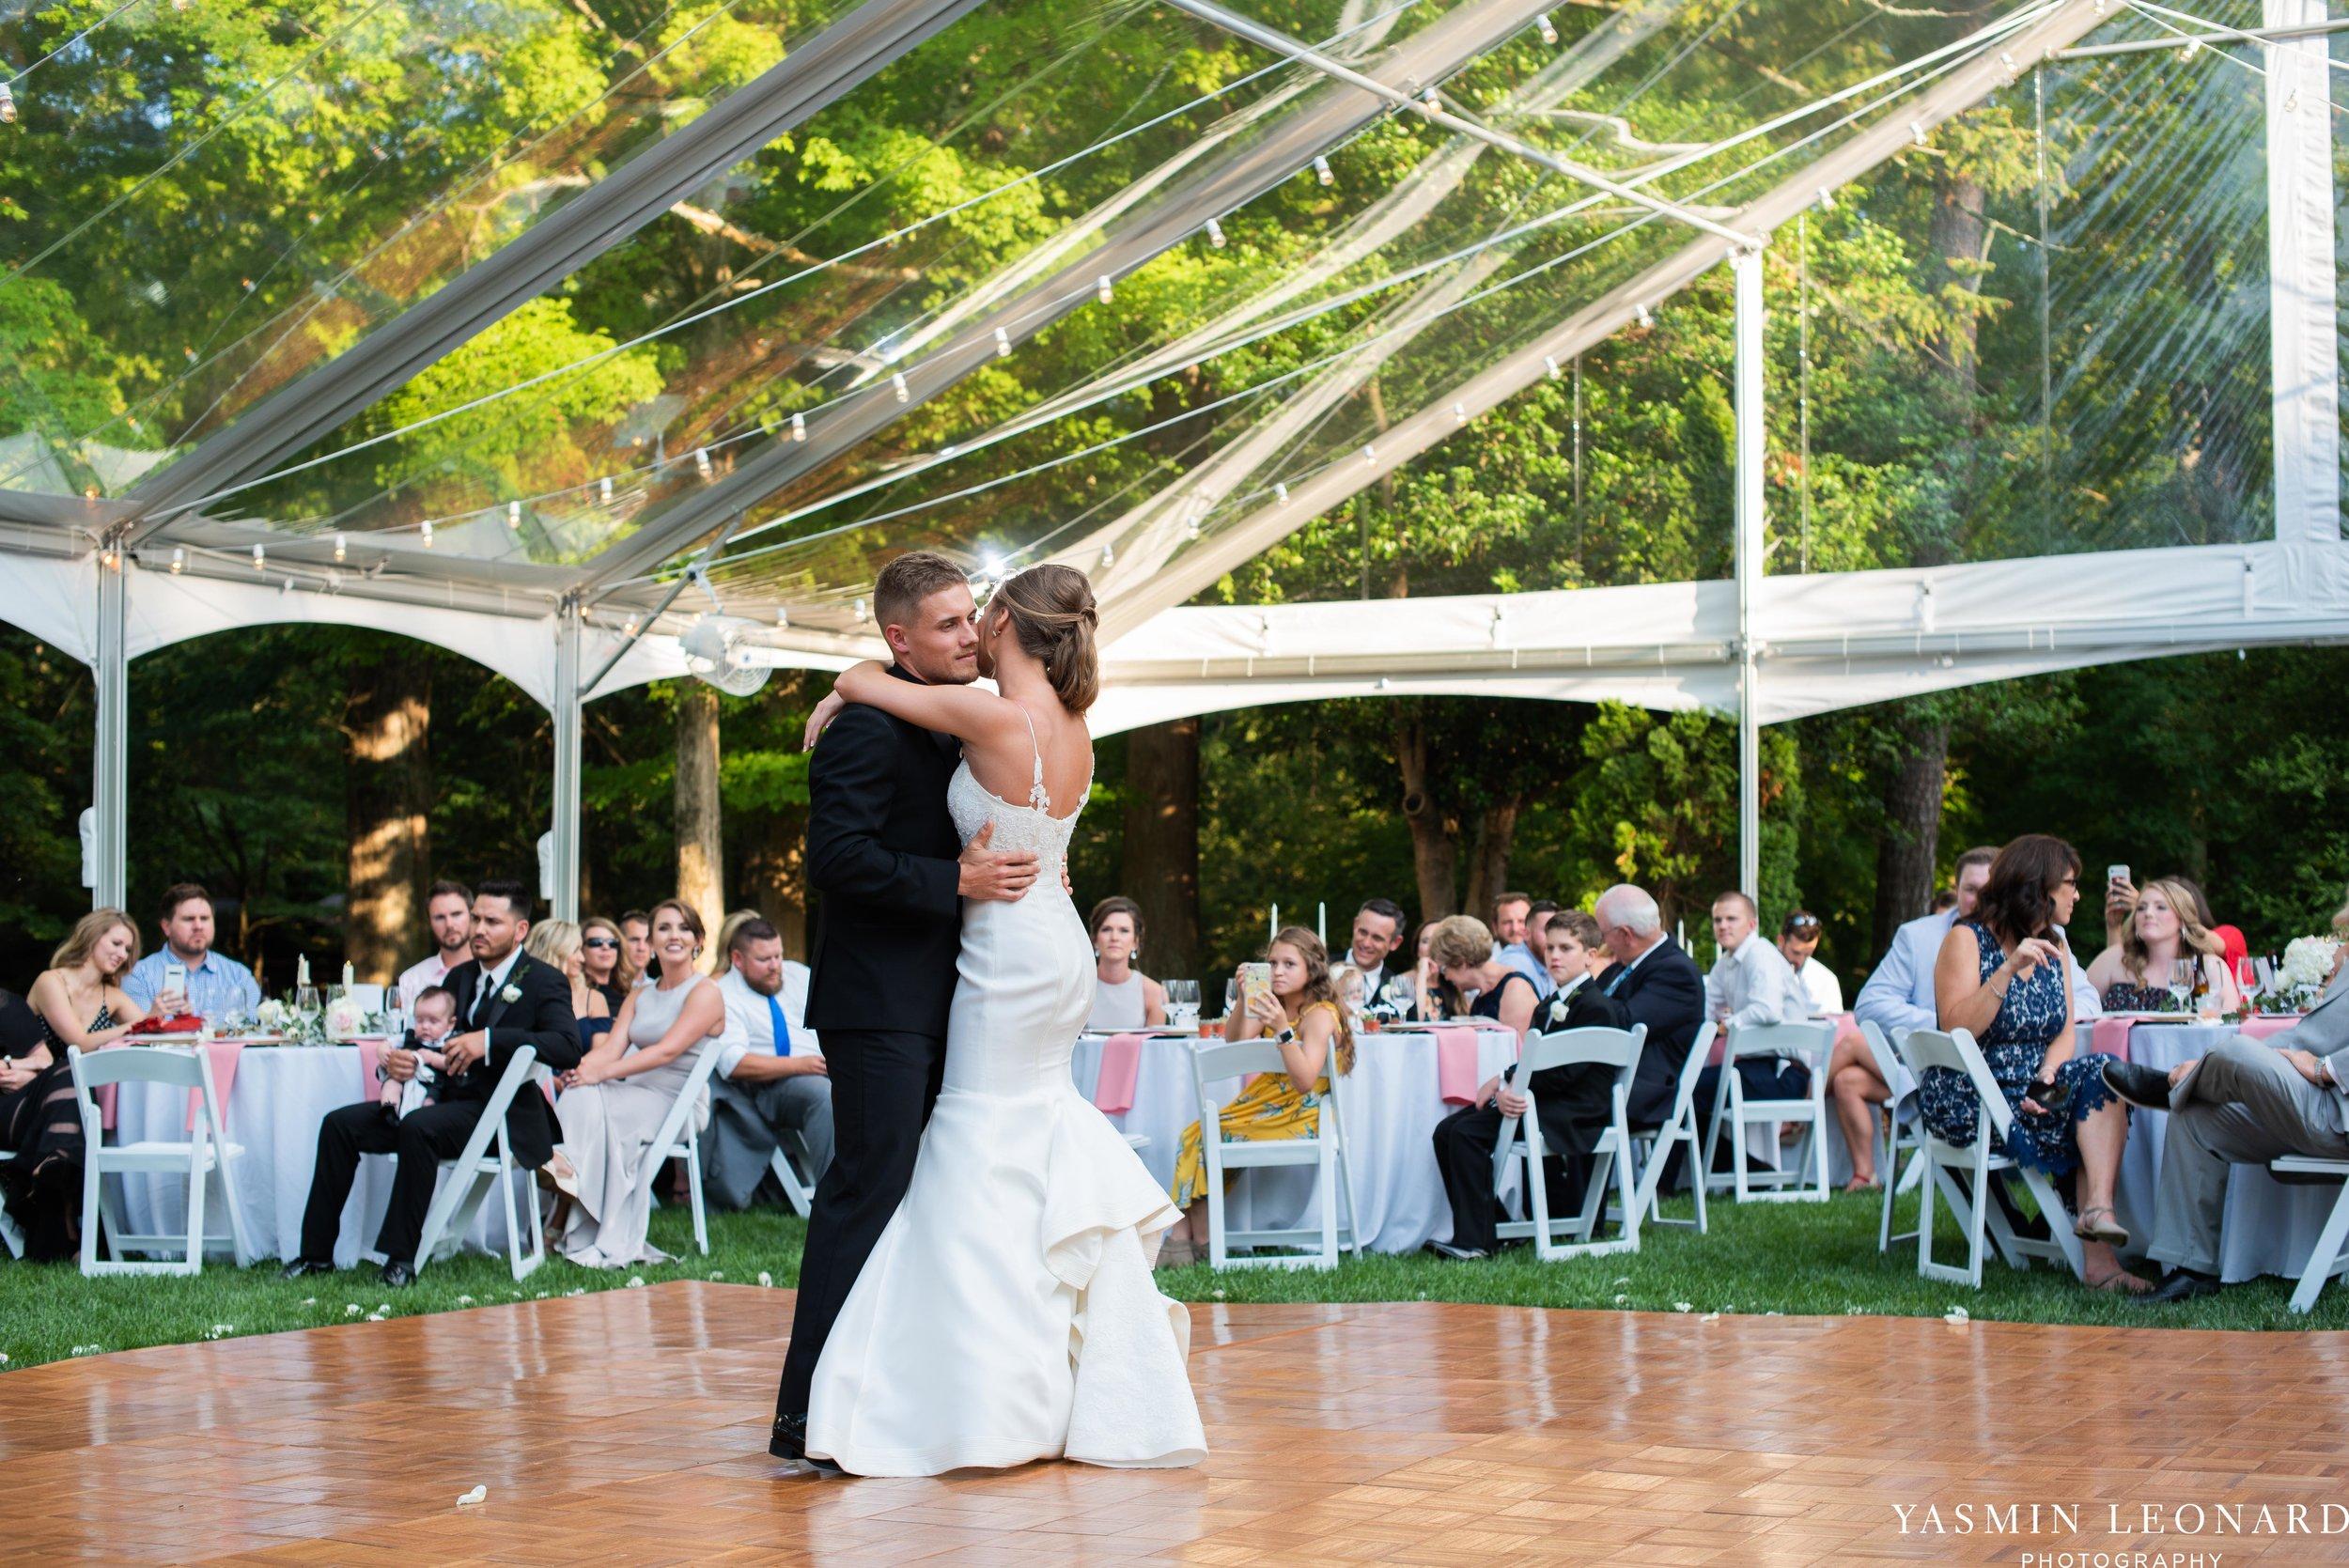 Boxwood Estate - Boxwood Estate Wedding - Luxury Wedding - Black and White Wedding - NC Wedding Venues - NC Weddings - NC Photographer - Lantern Release Grand Exit - Large Wedding Party - Yasmin Leonard Photography-56.jpg